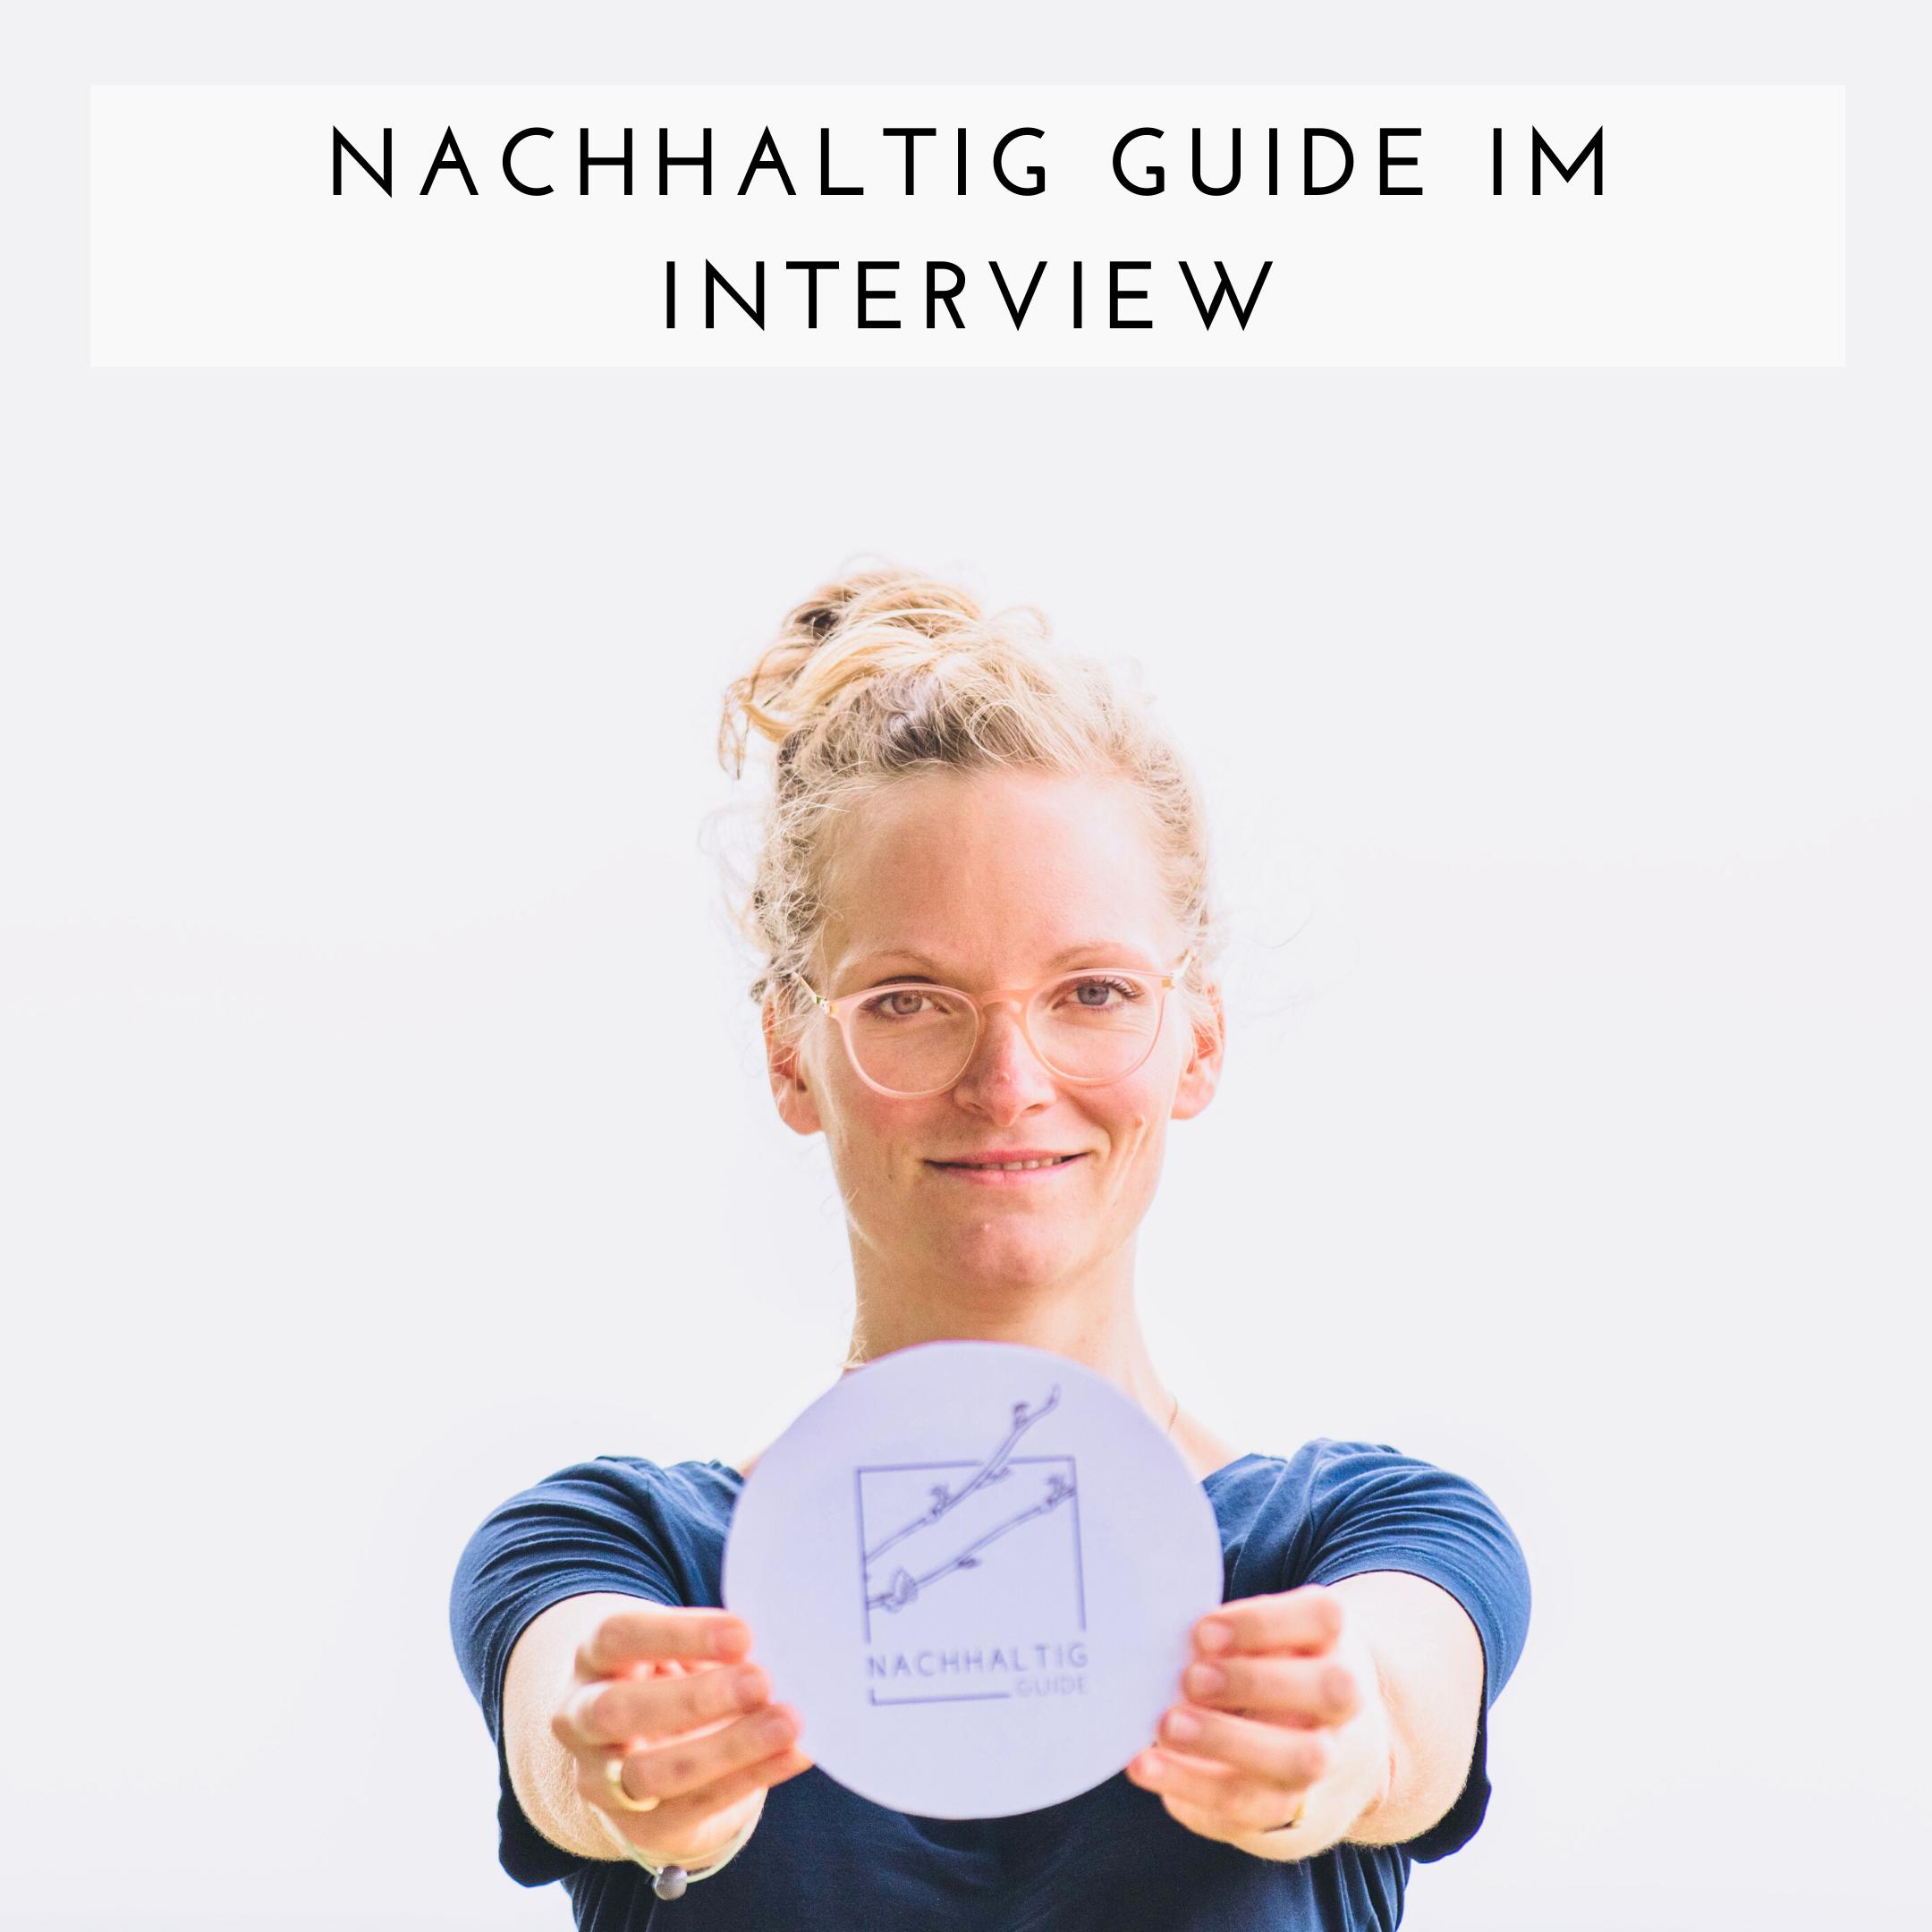 Nachhaltig Guide im Interview